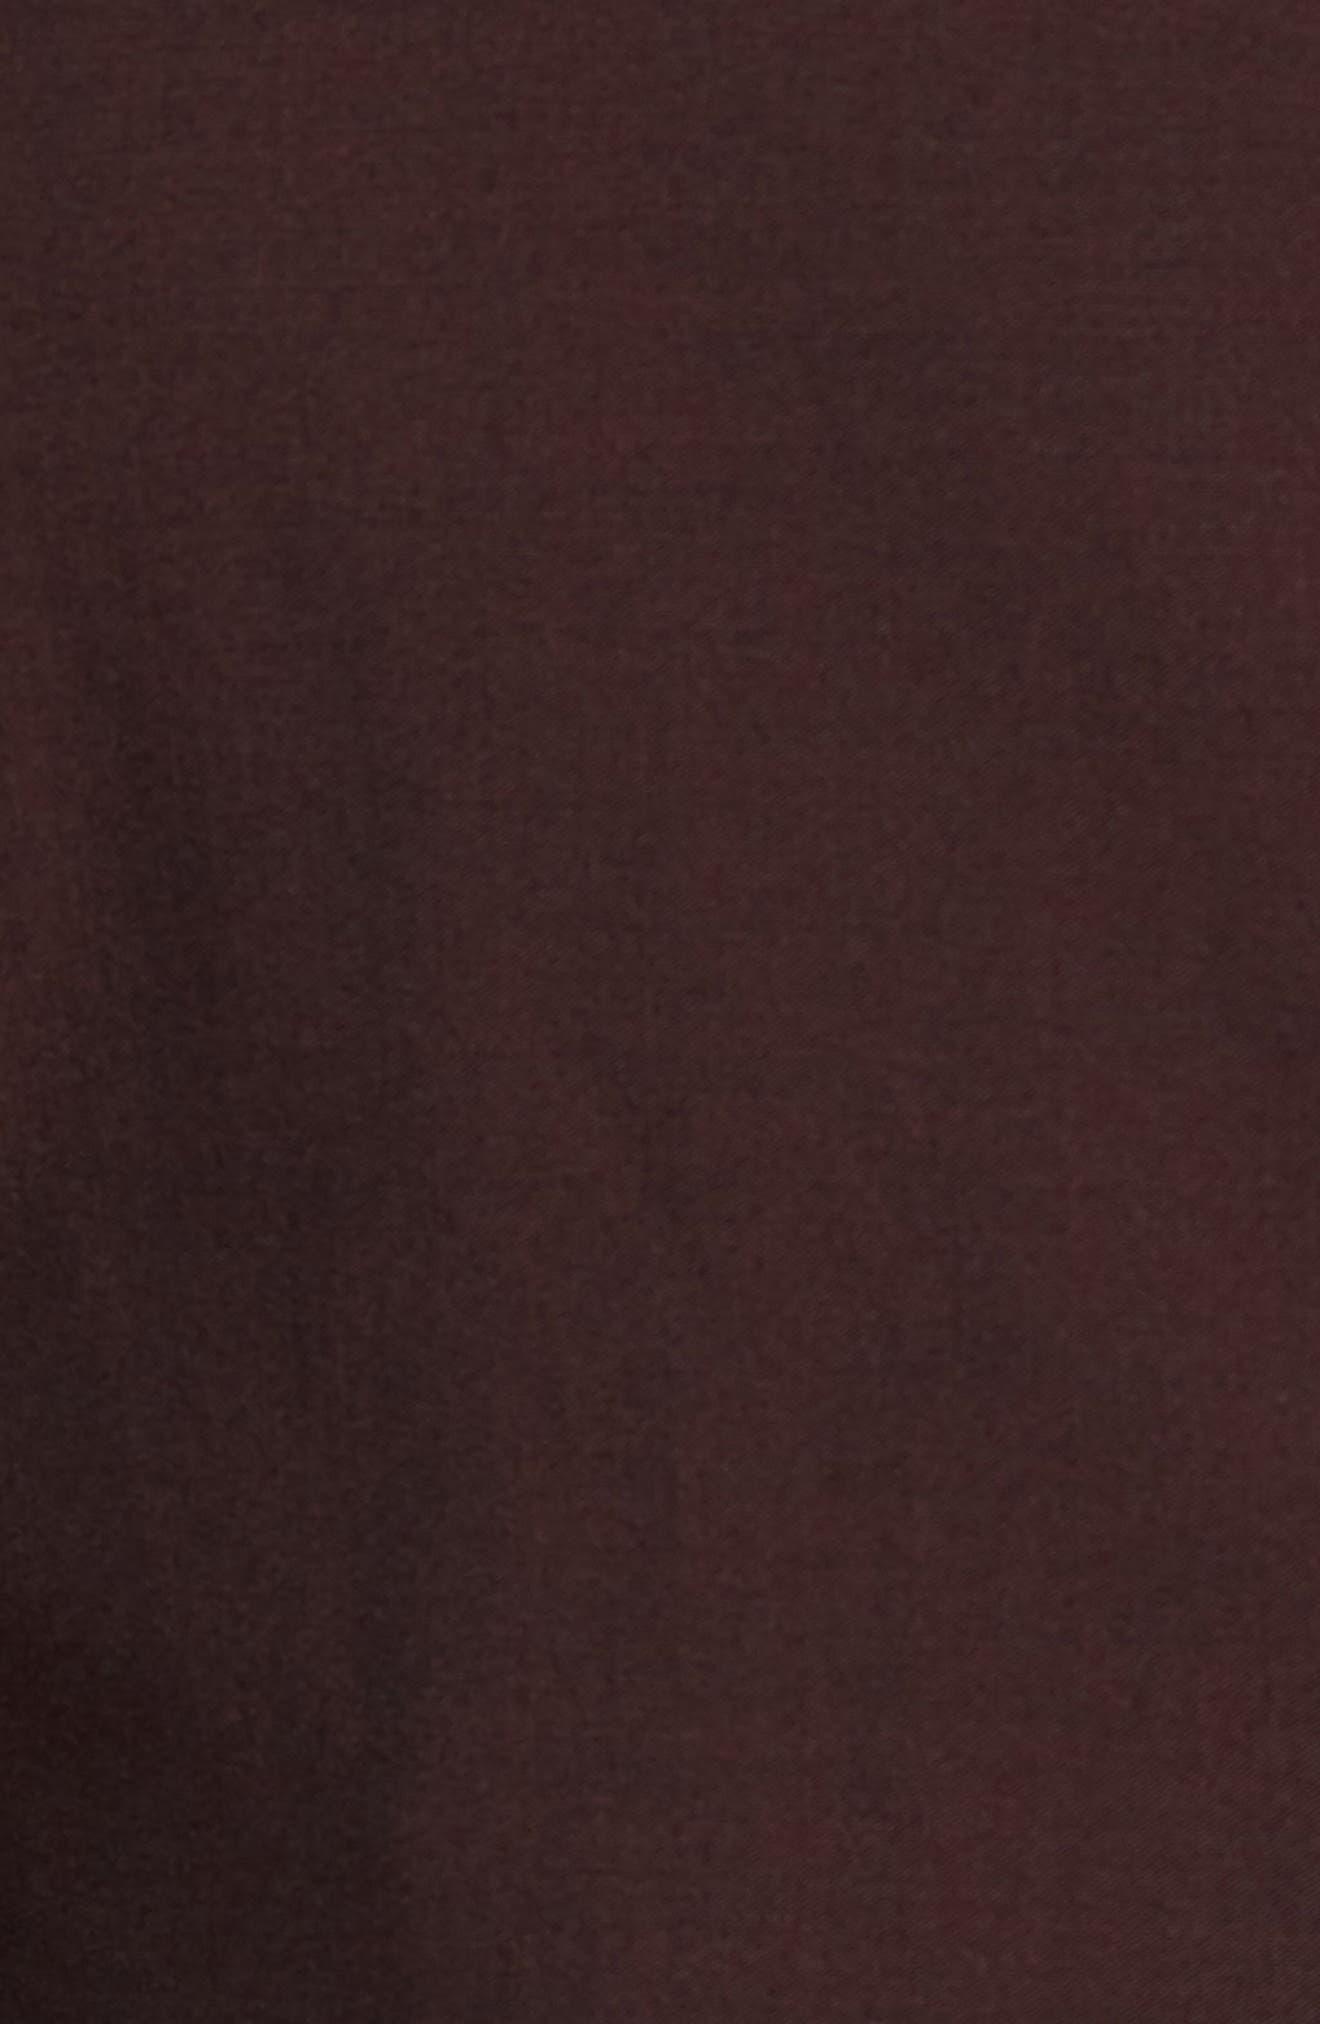 Capstone Slim Fit Italian Wool Dinner Jacket,                             Alternate thumbnail 6, color,                             MAROON